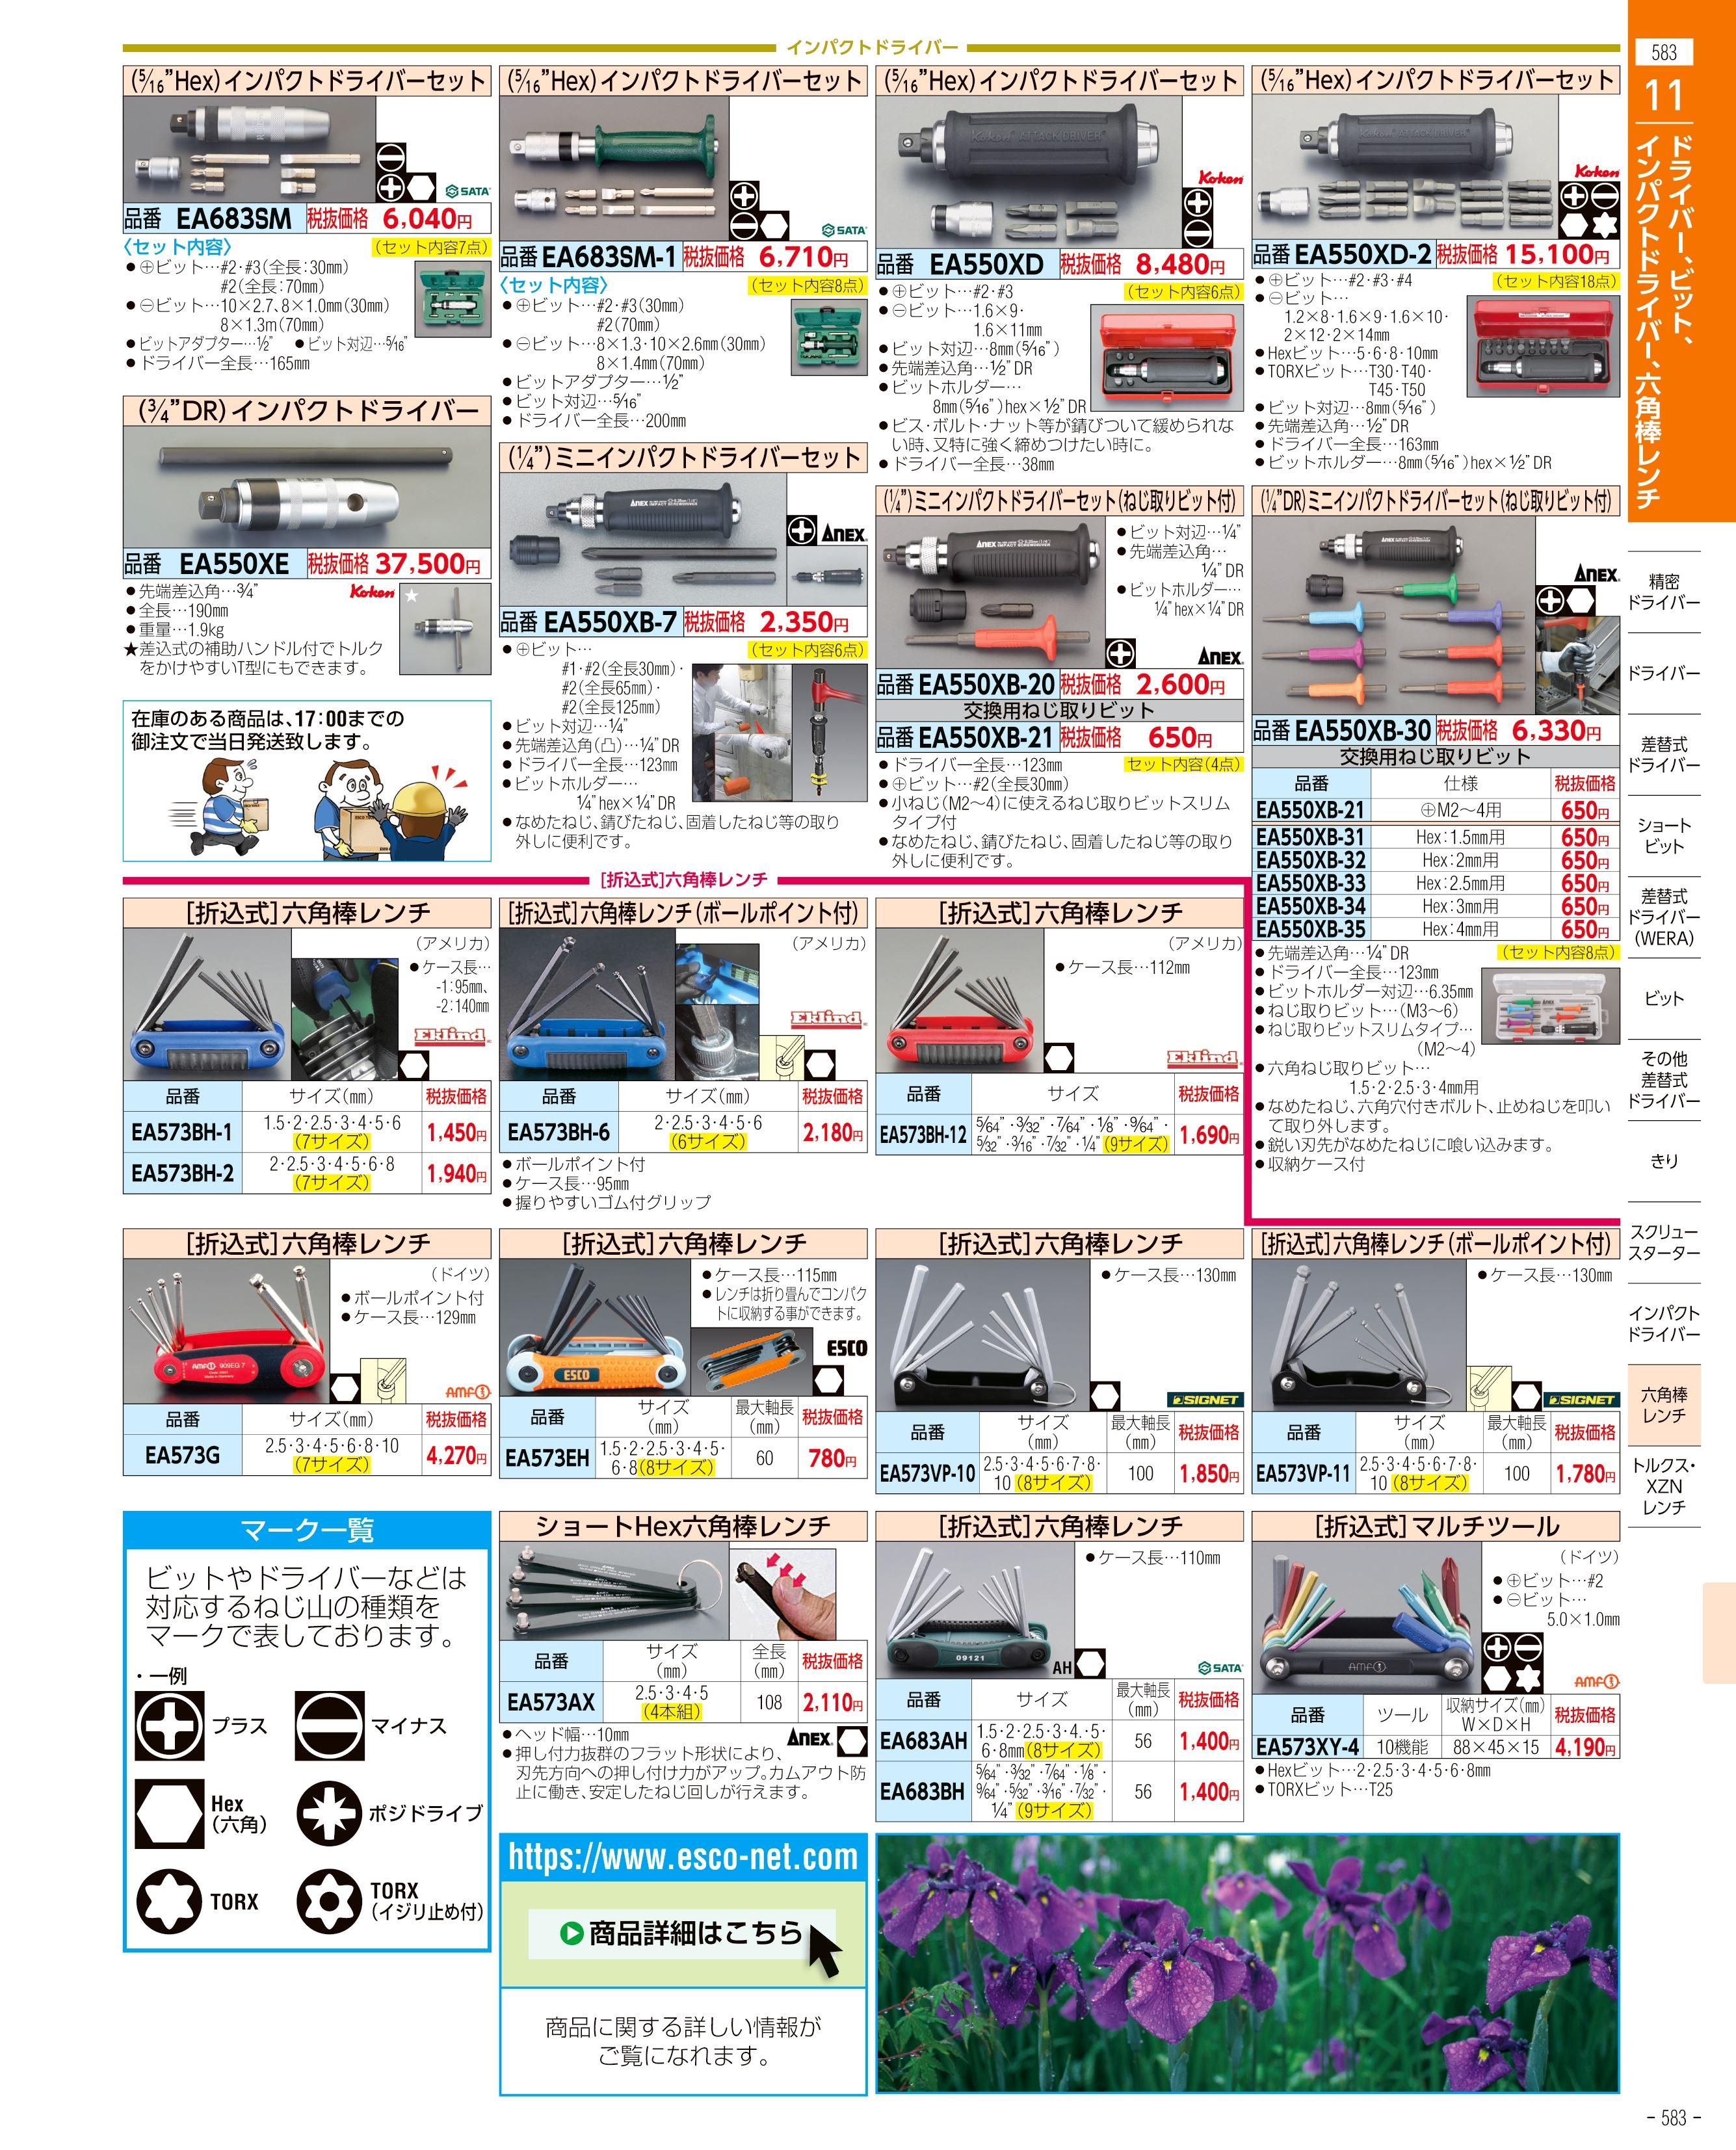 エスコ便利カタログ583ページ